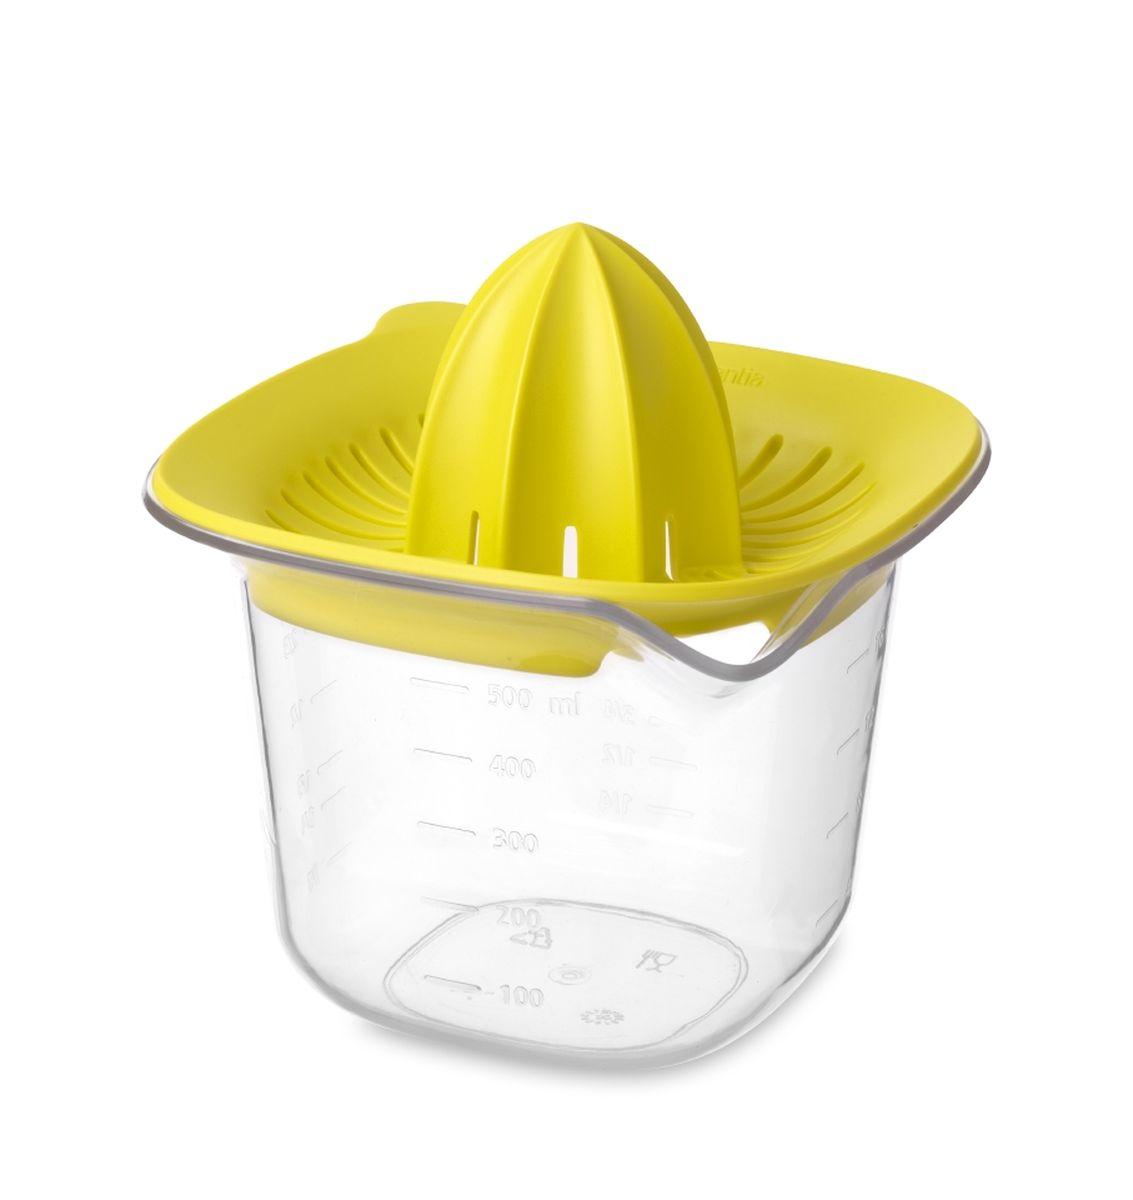 Соковыжималка Brabantia Tasty Colours, цвет: желтый, 500 мл. 110085110085Соковыжималка подходит для приготовления сока из любых цитрусовых.Четкие мерные деления в мл, пинтах, стаканах и жидких унциях.Вместимость 500 мл.Удобно держать во время использования – прямоугольная форма.Экономия места на кухне и удобное хранение – изделия составляются одно вдругое.Легко моется – можно мыть в посудомоечной машине.